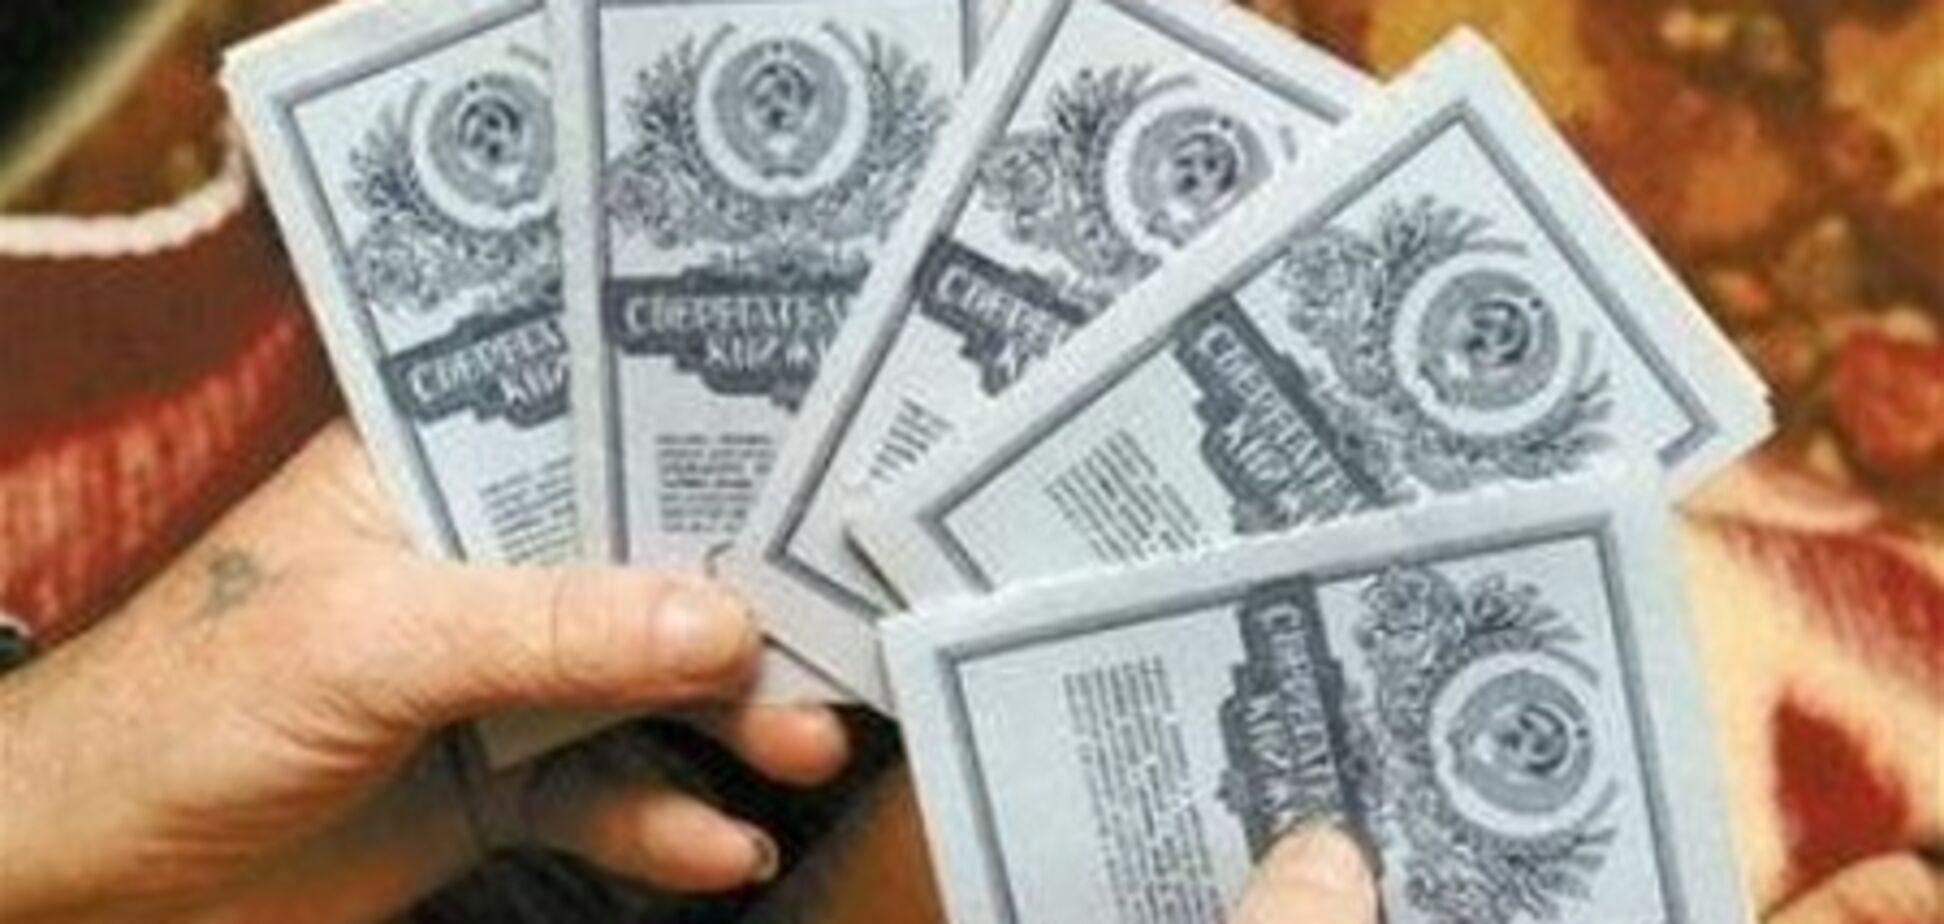 Ощадбанк начинает следующий этап выплаты компенсаций